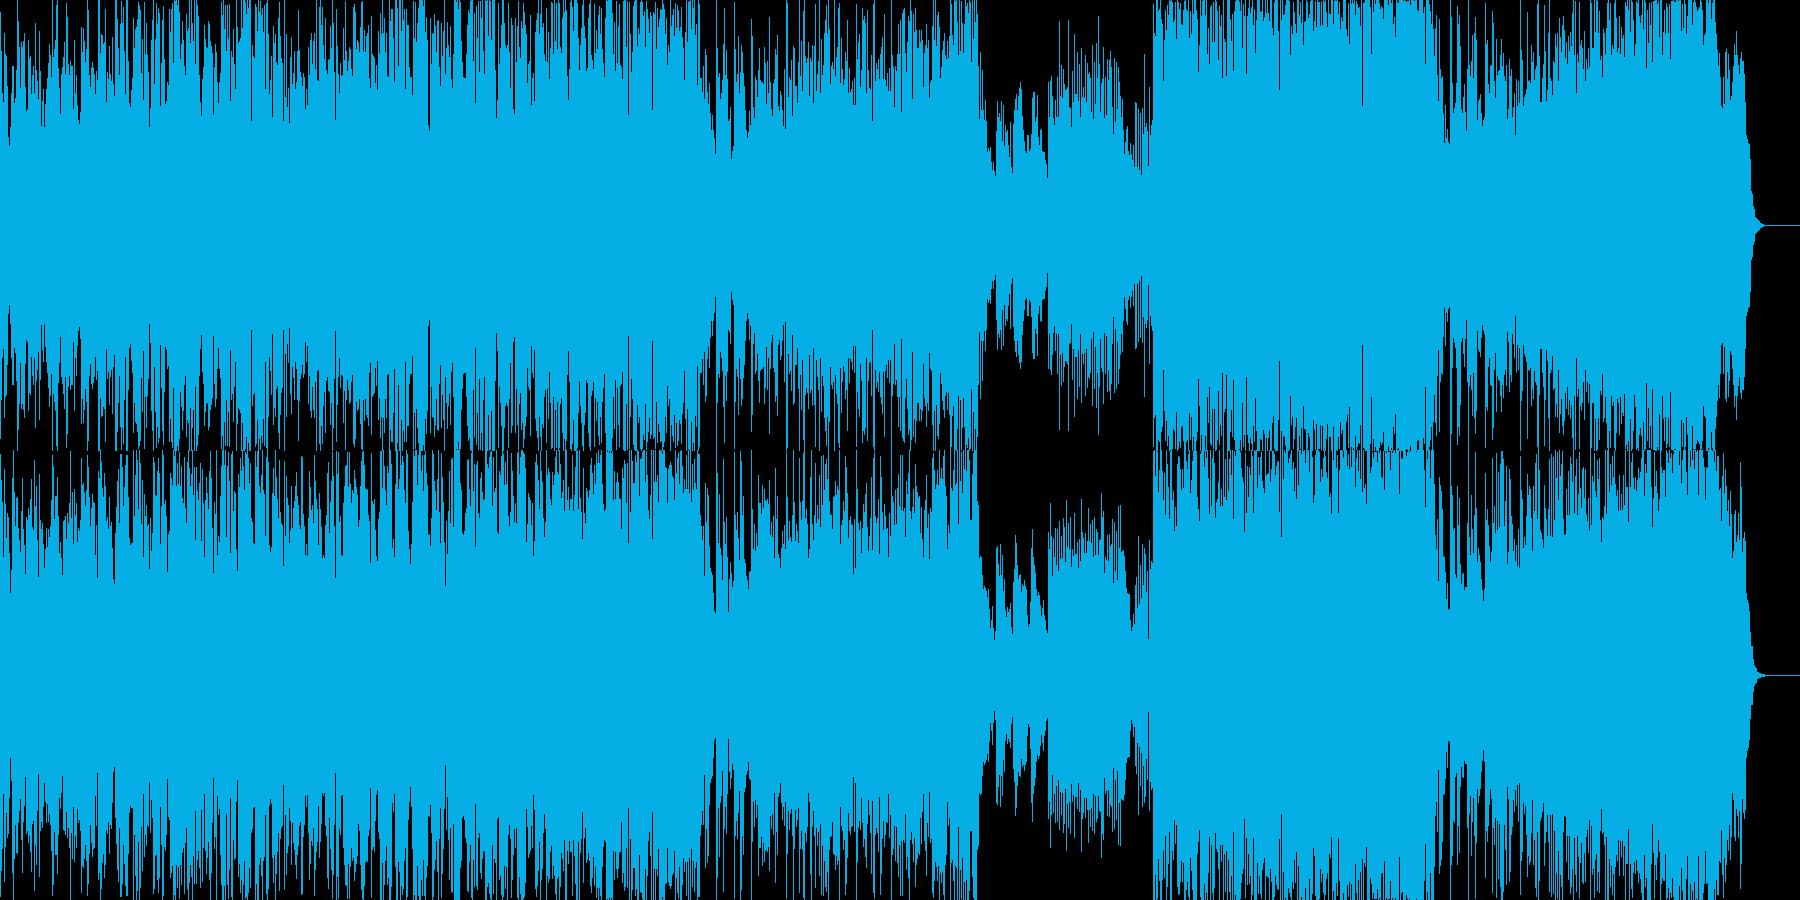 幻想的で心地よいバラードの再生済みの波形